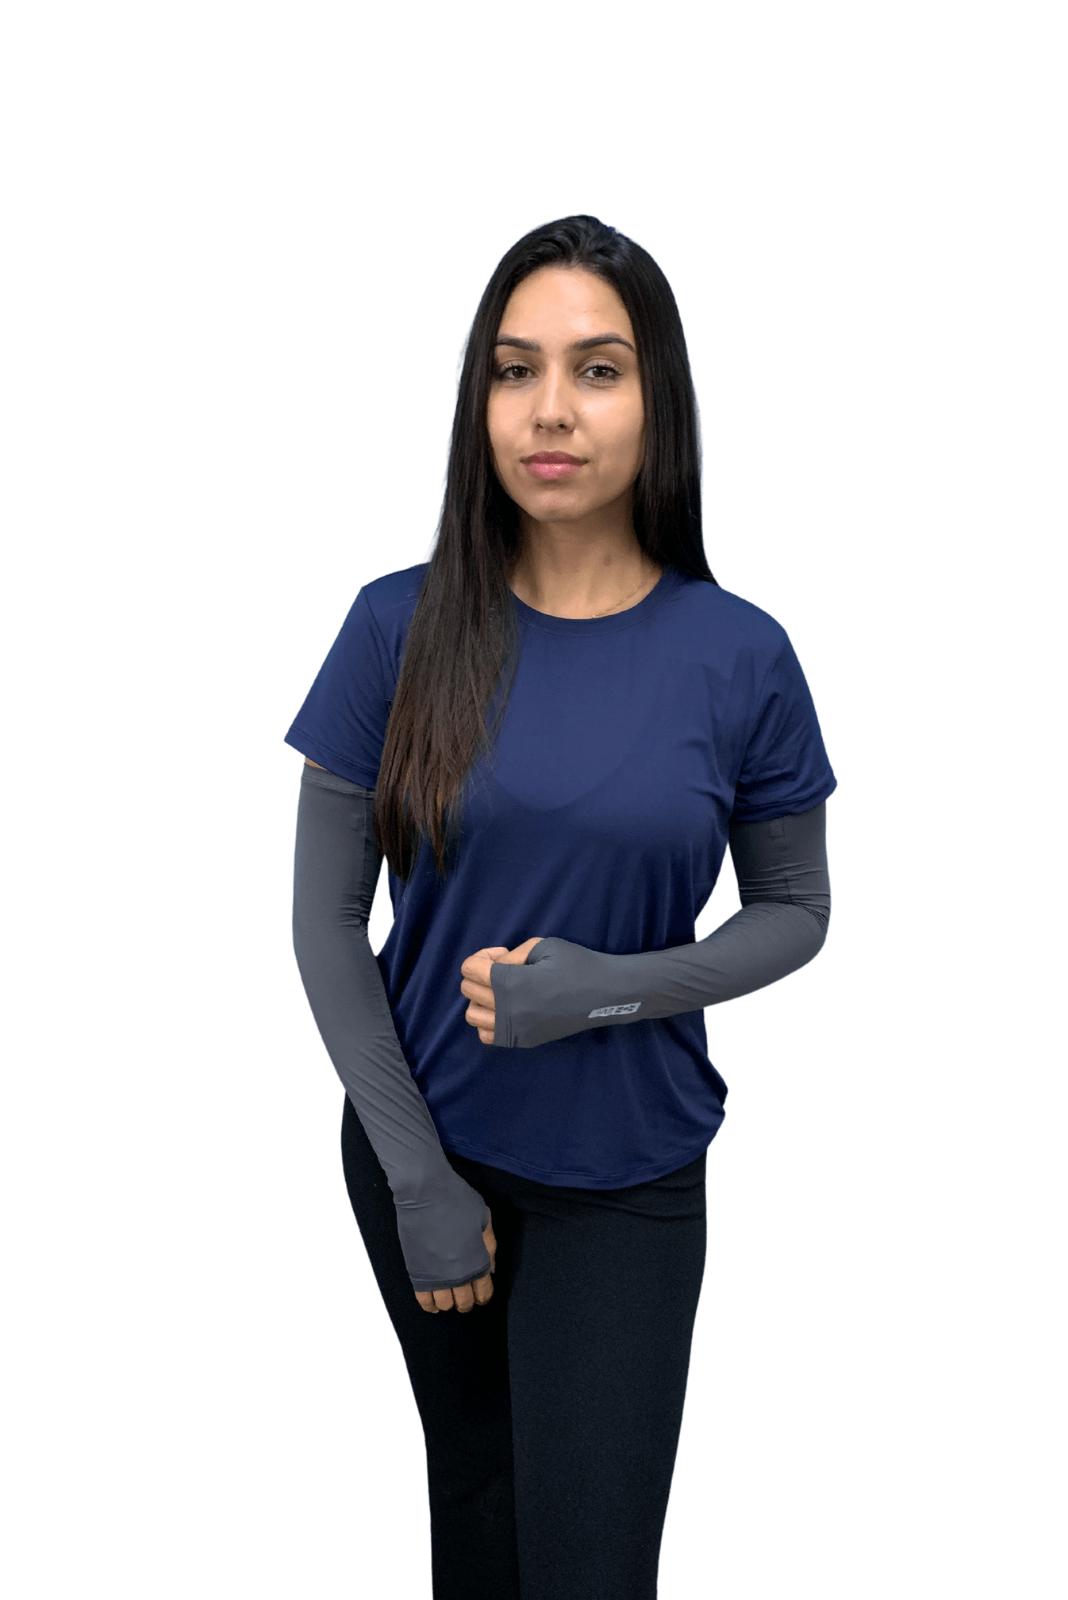 Par de Manguito Liso Proteção para Braços UV 50+ com Punho - Chumbo